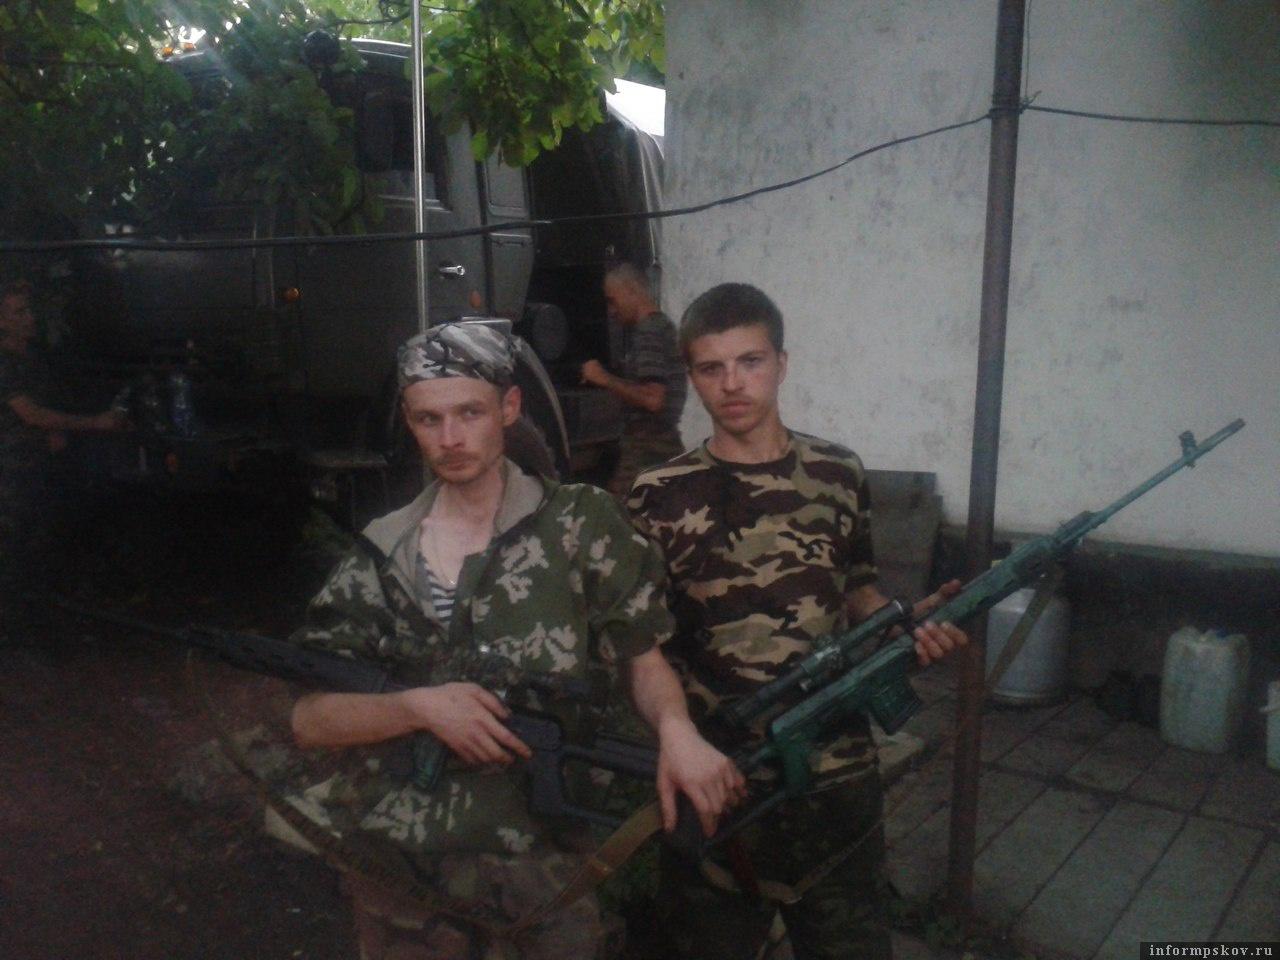 Фото из социальной сети ВКонтакте